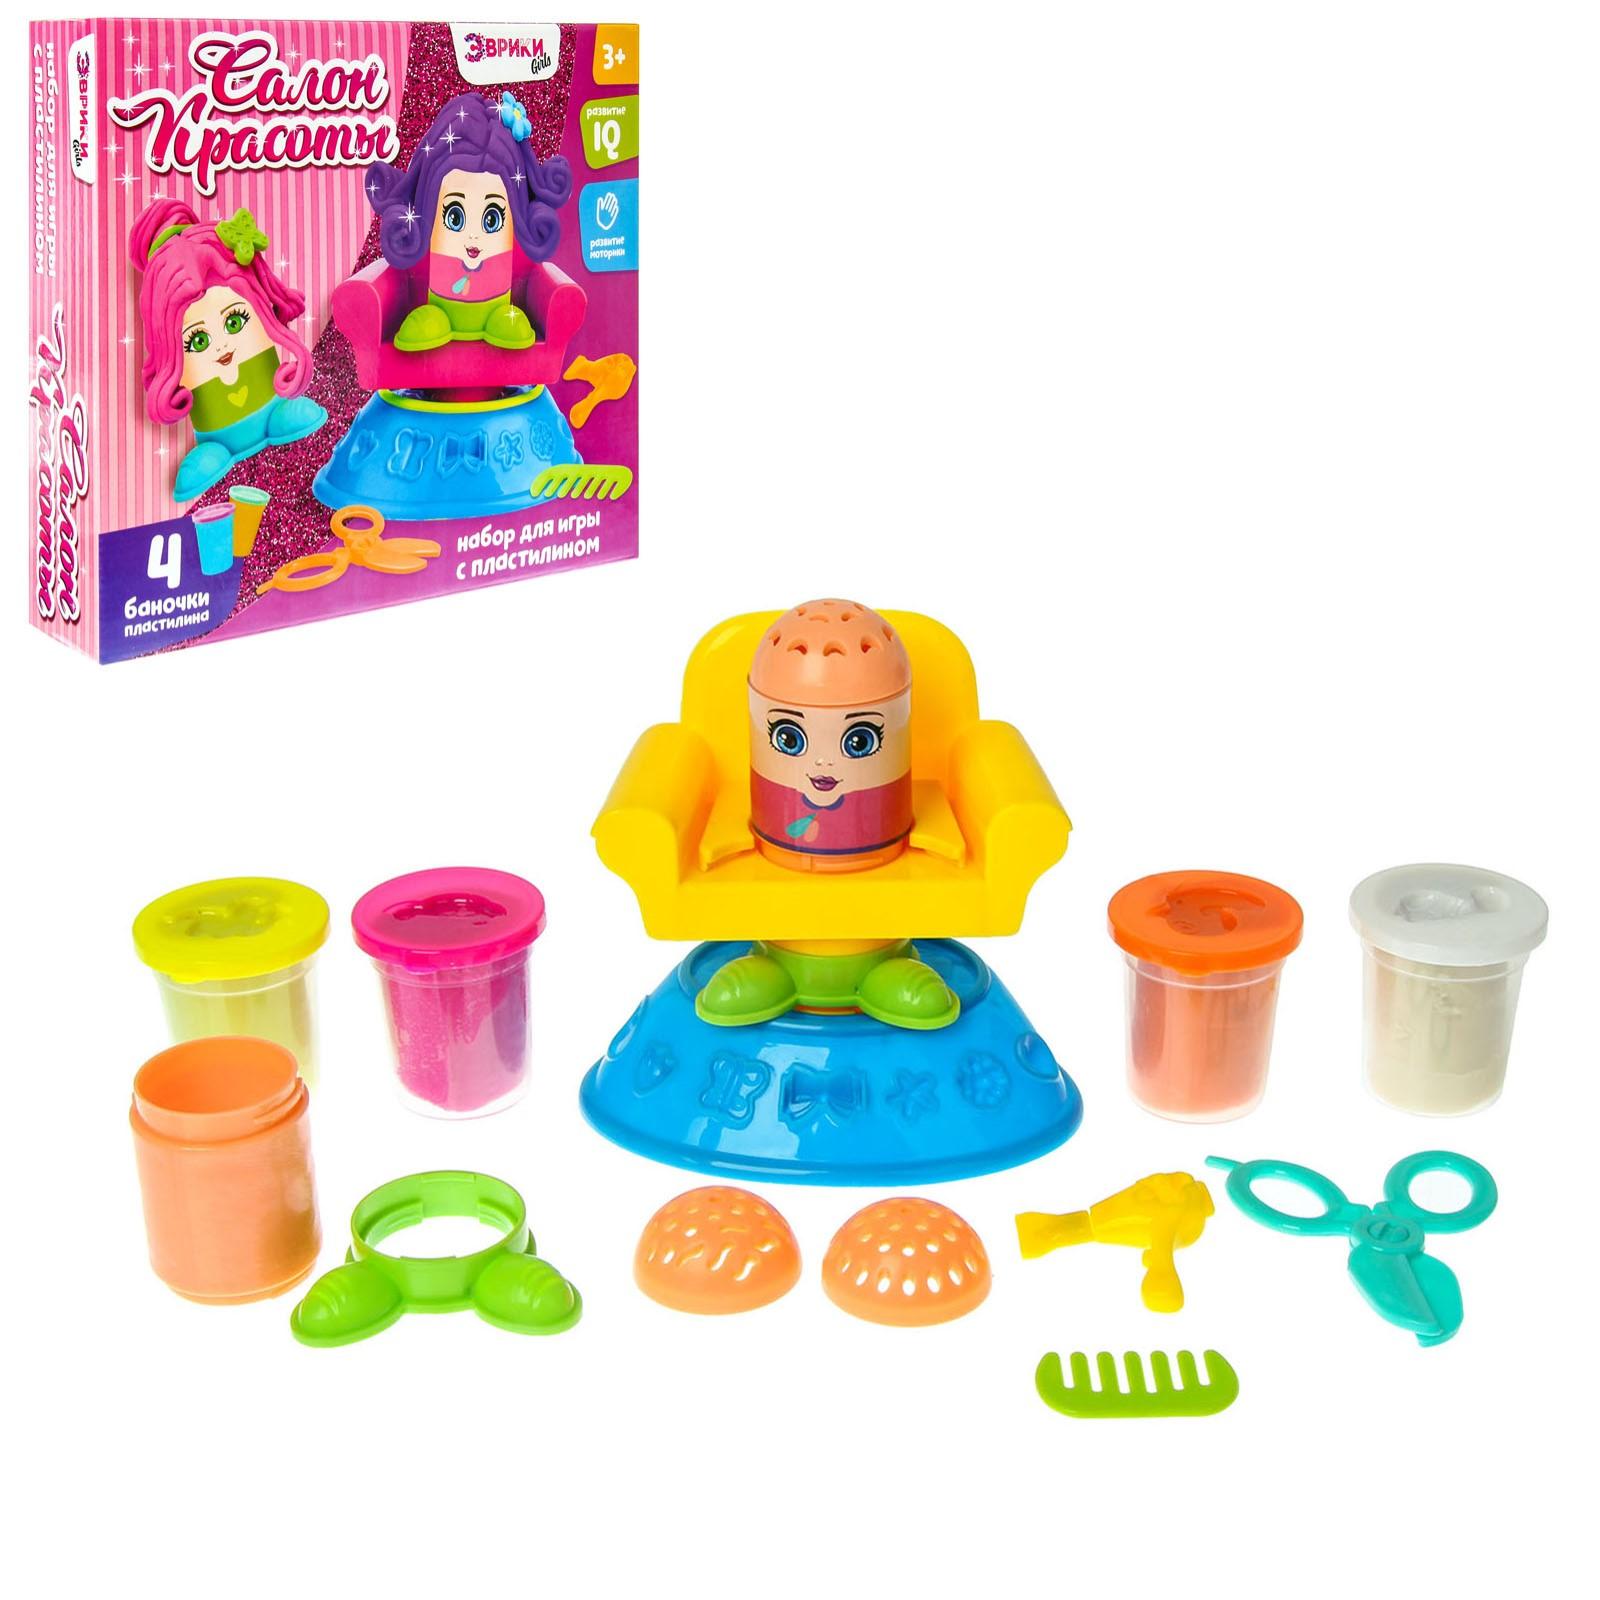 Набор для игры с пластилином «Салон красоты»